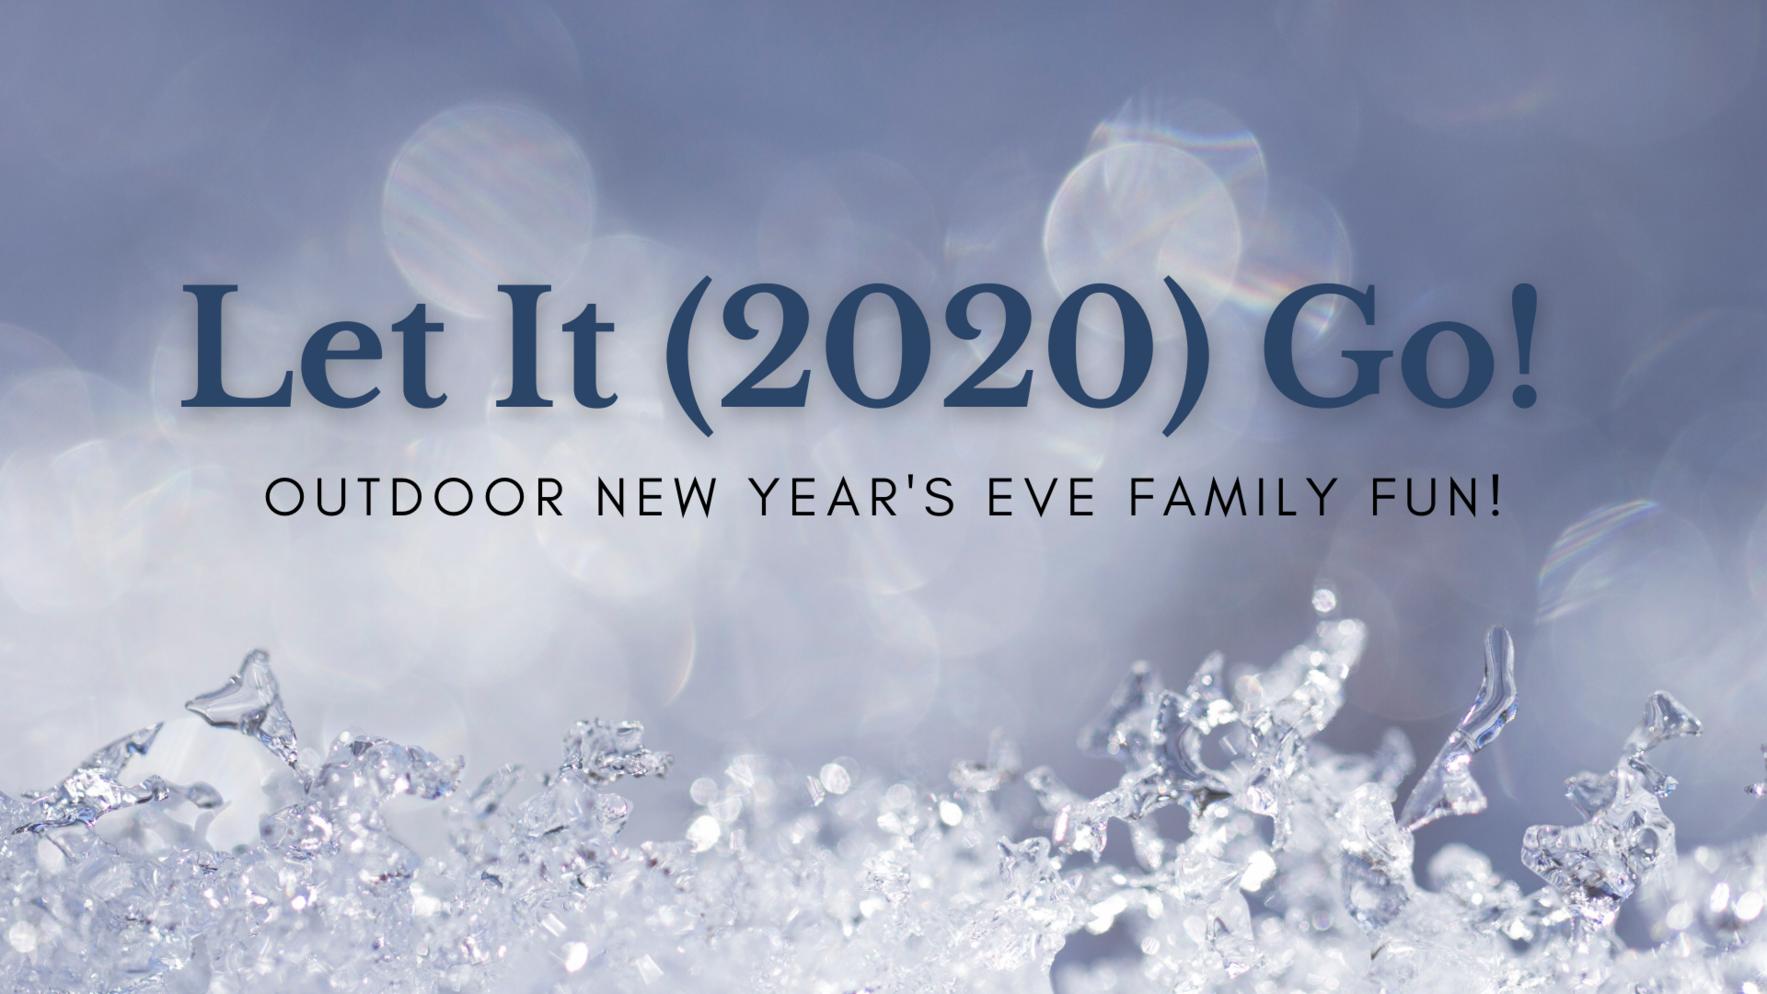 Let It (2020) Go! image